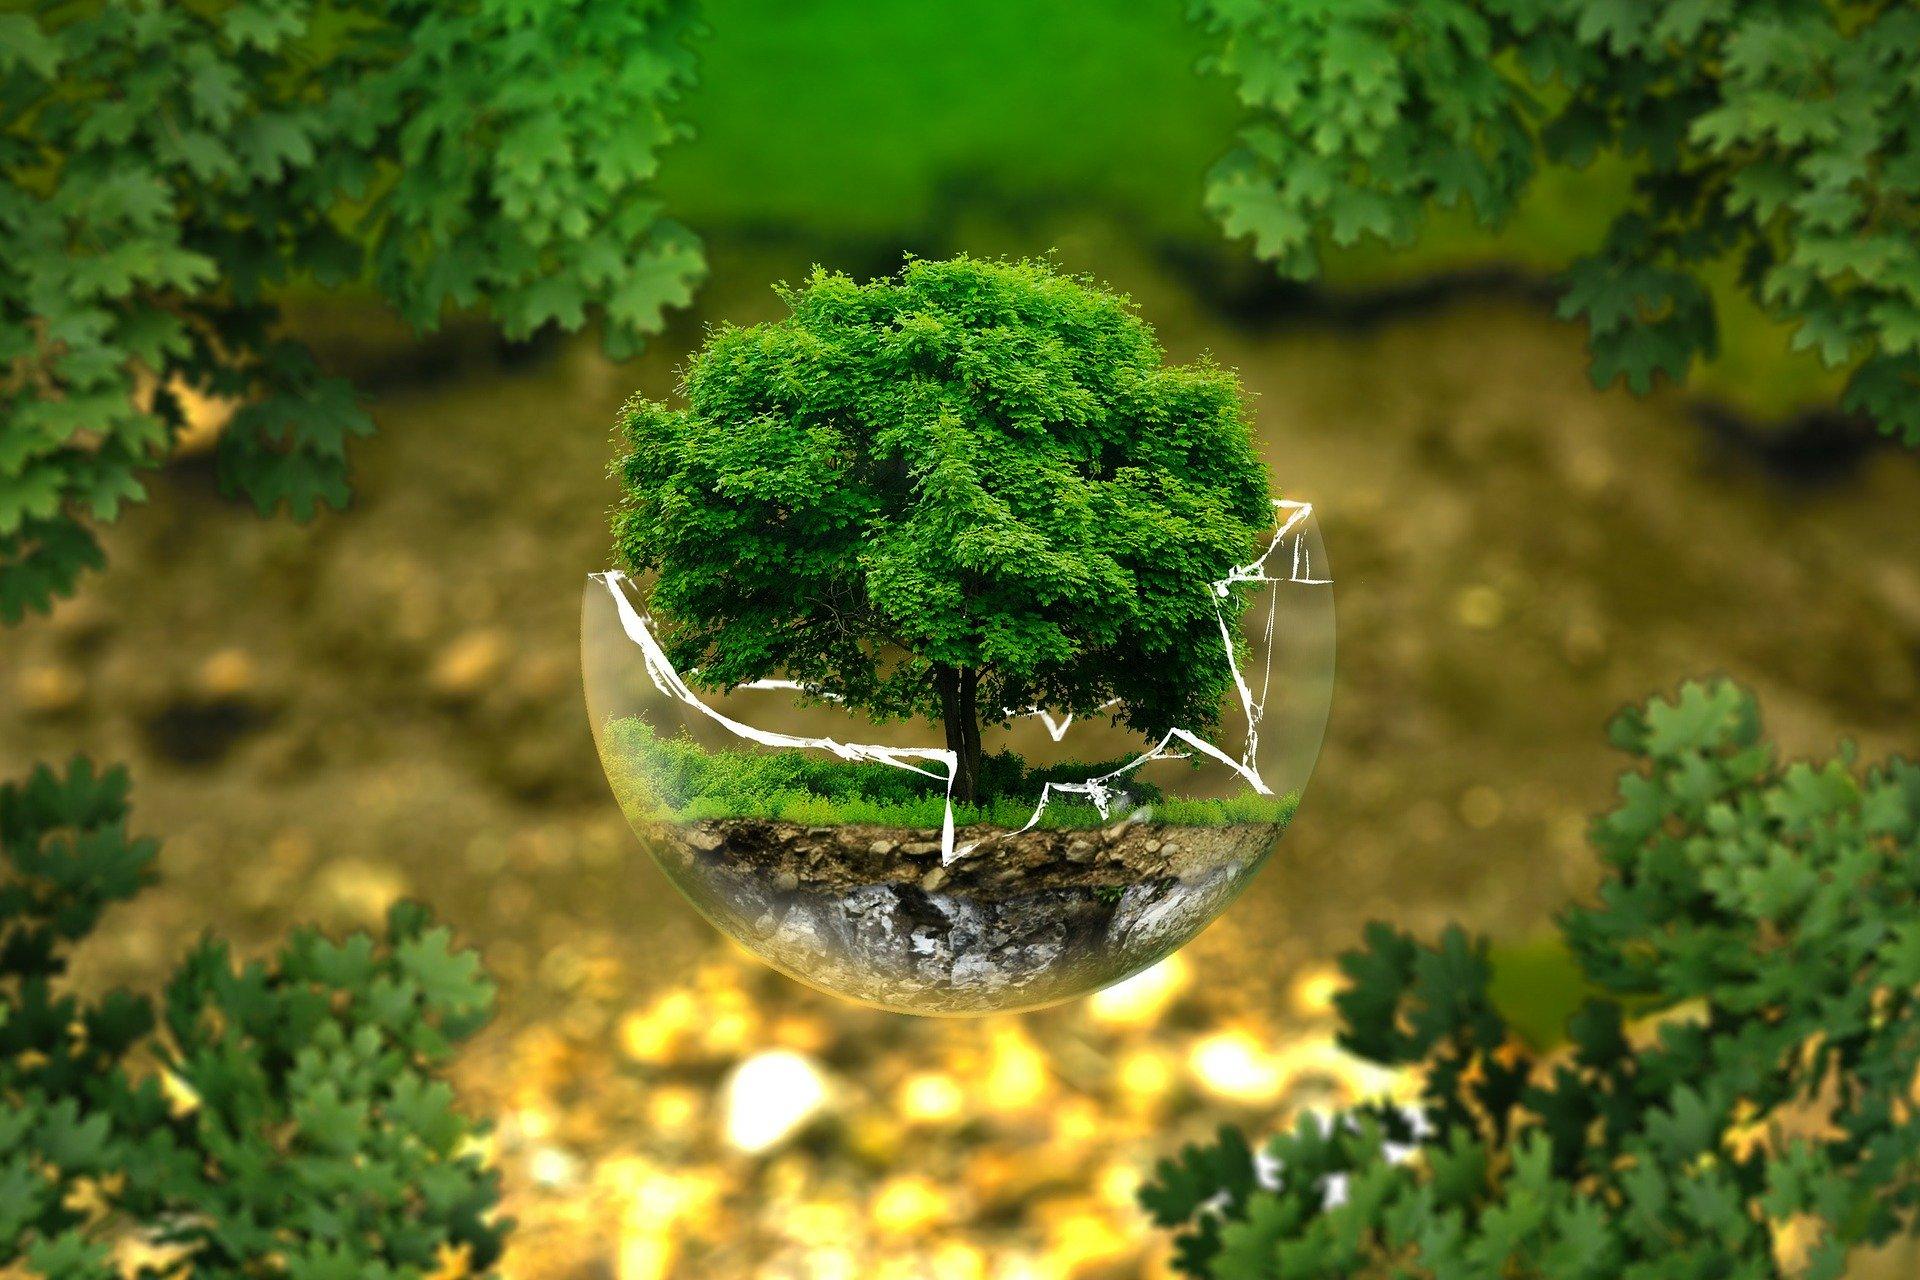 Projet environnemental ou social : Futur entrepreneur ?